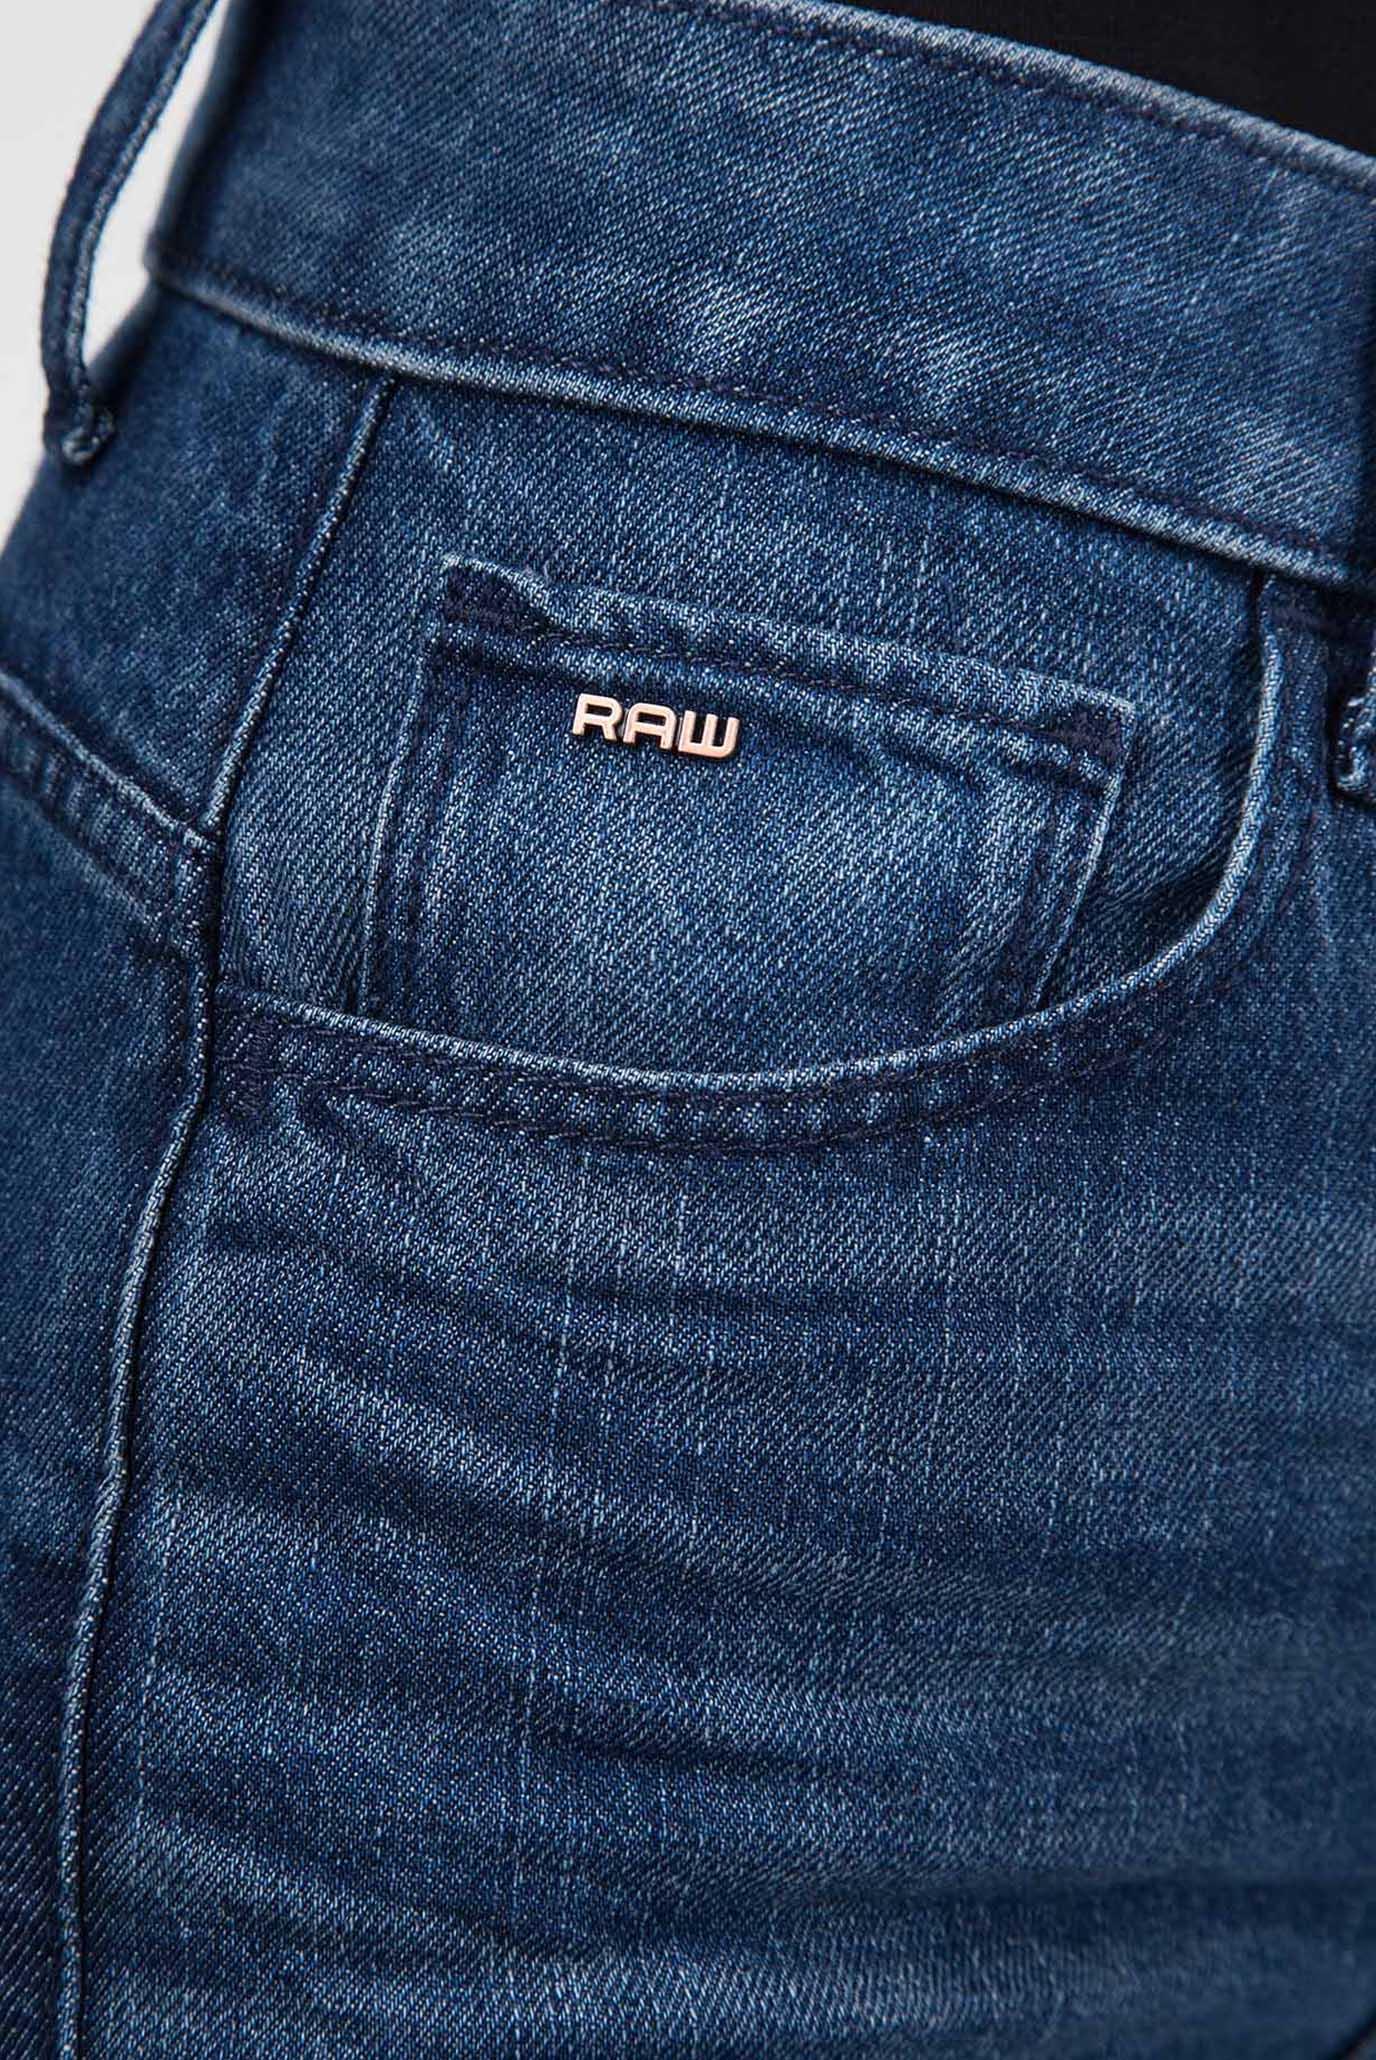 Купить Женские синие джинсы Motac Deconst 3D High Skinny G-Star RAW G-Star RAW D09585,8973 – Киев, Украина. Цены в интернет магазине MD Fashion